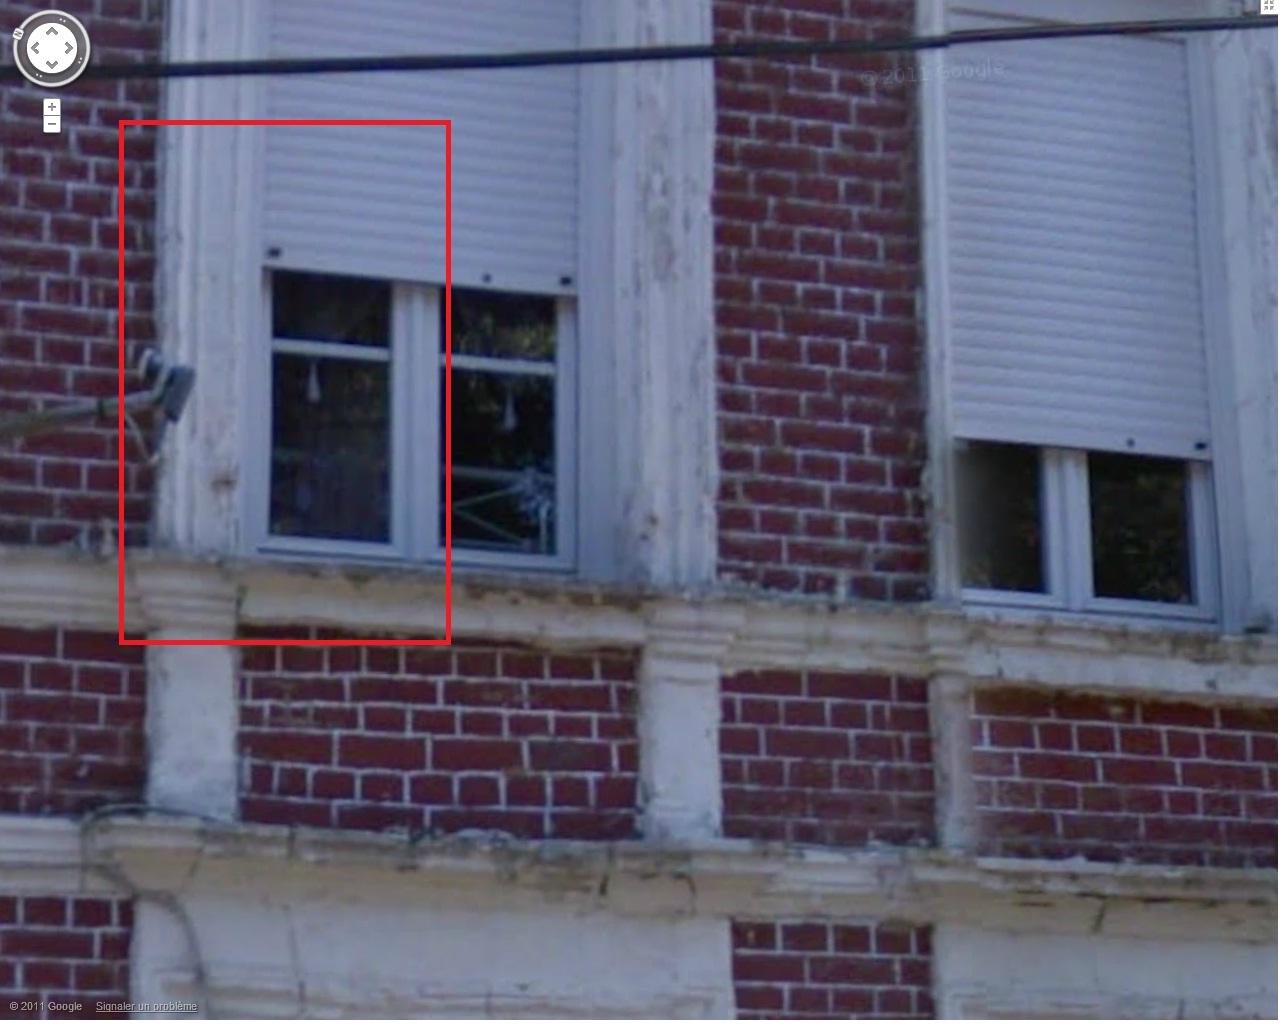 Une étrange silhouette à une fenêtre chez un ami. - Page 2 7967780002